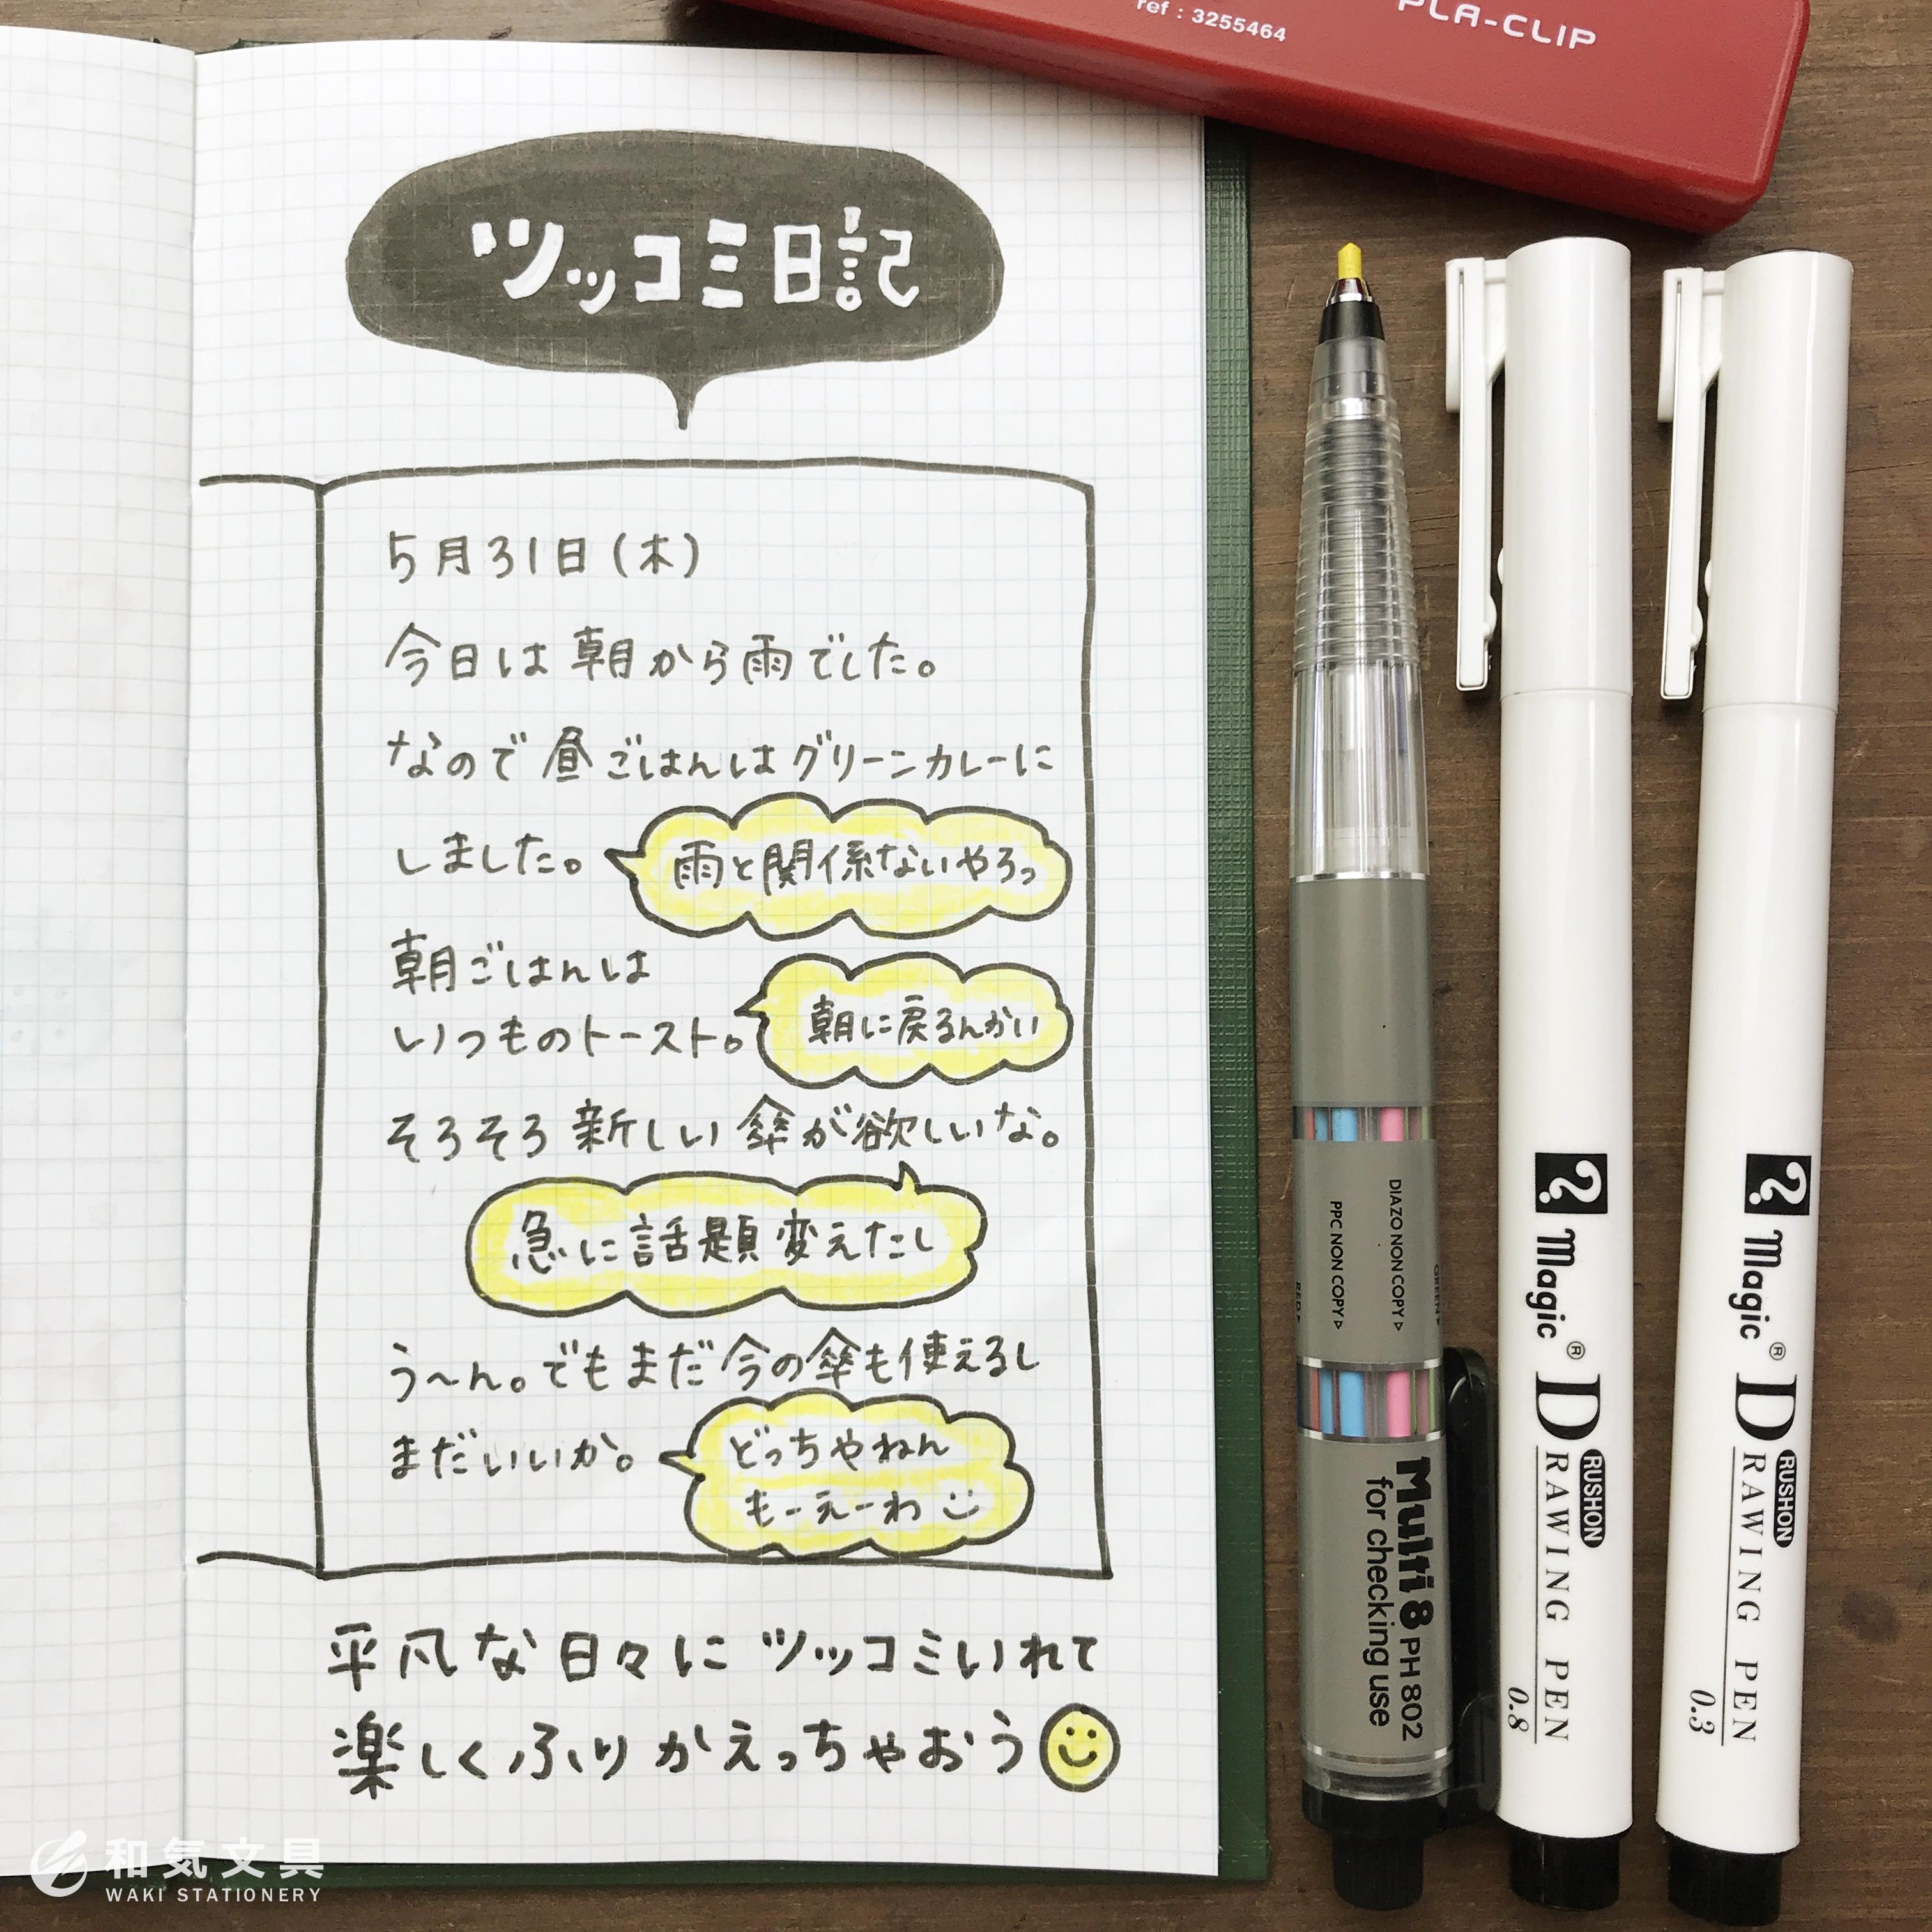 ツッコミ日記